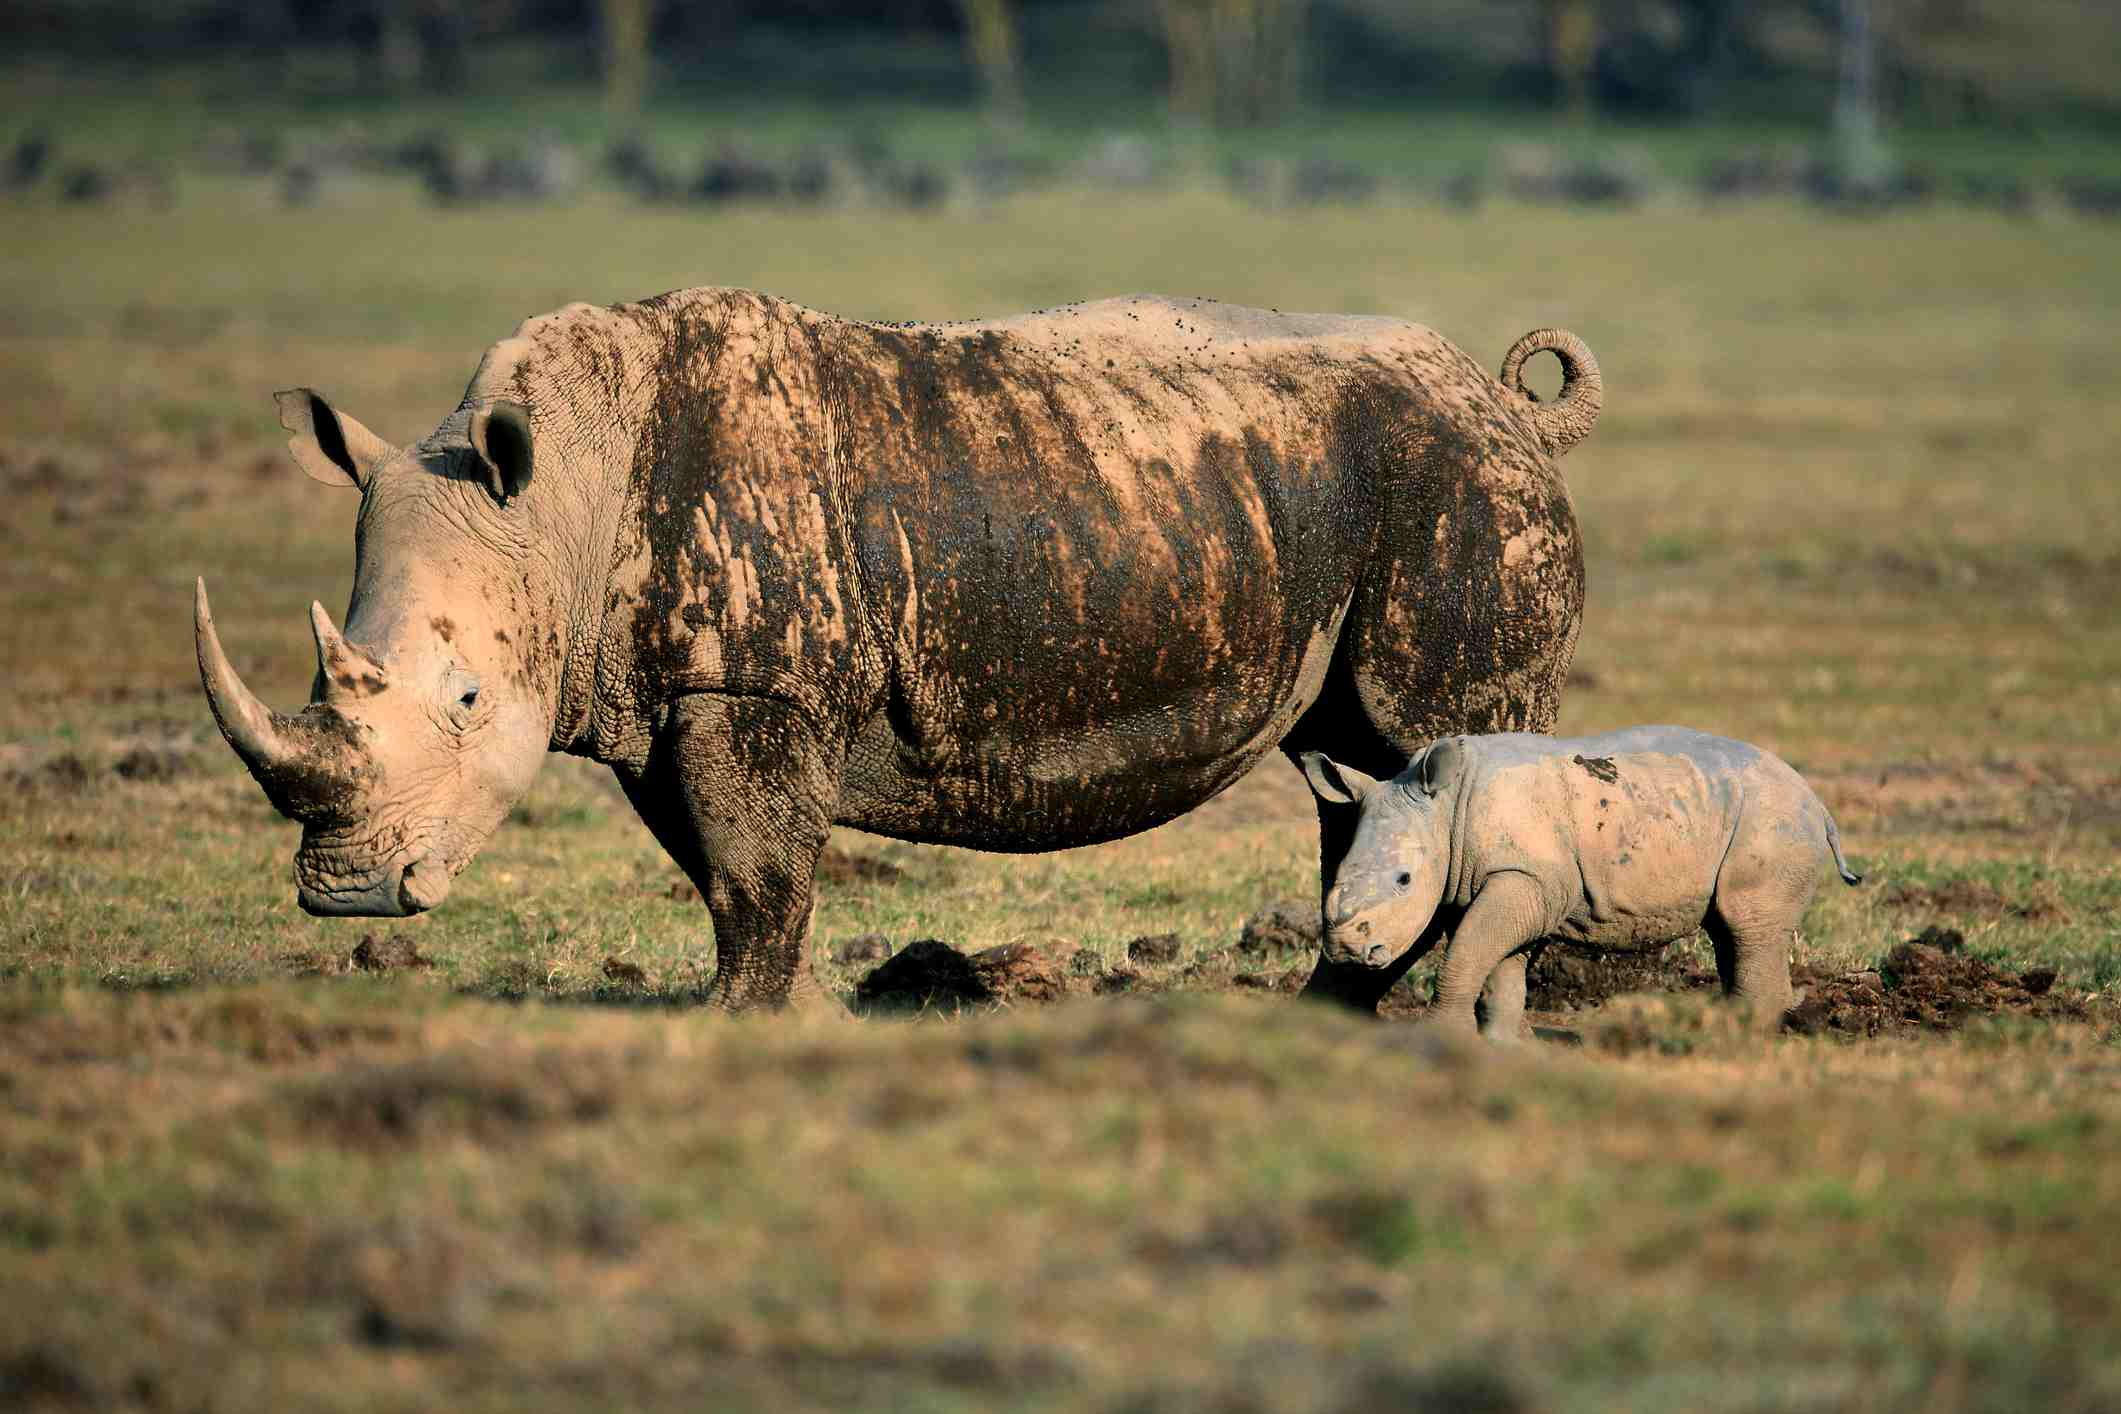 Female rhino with cub